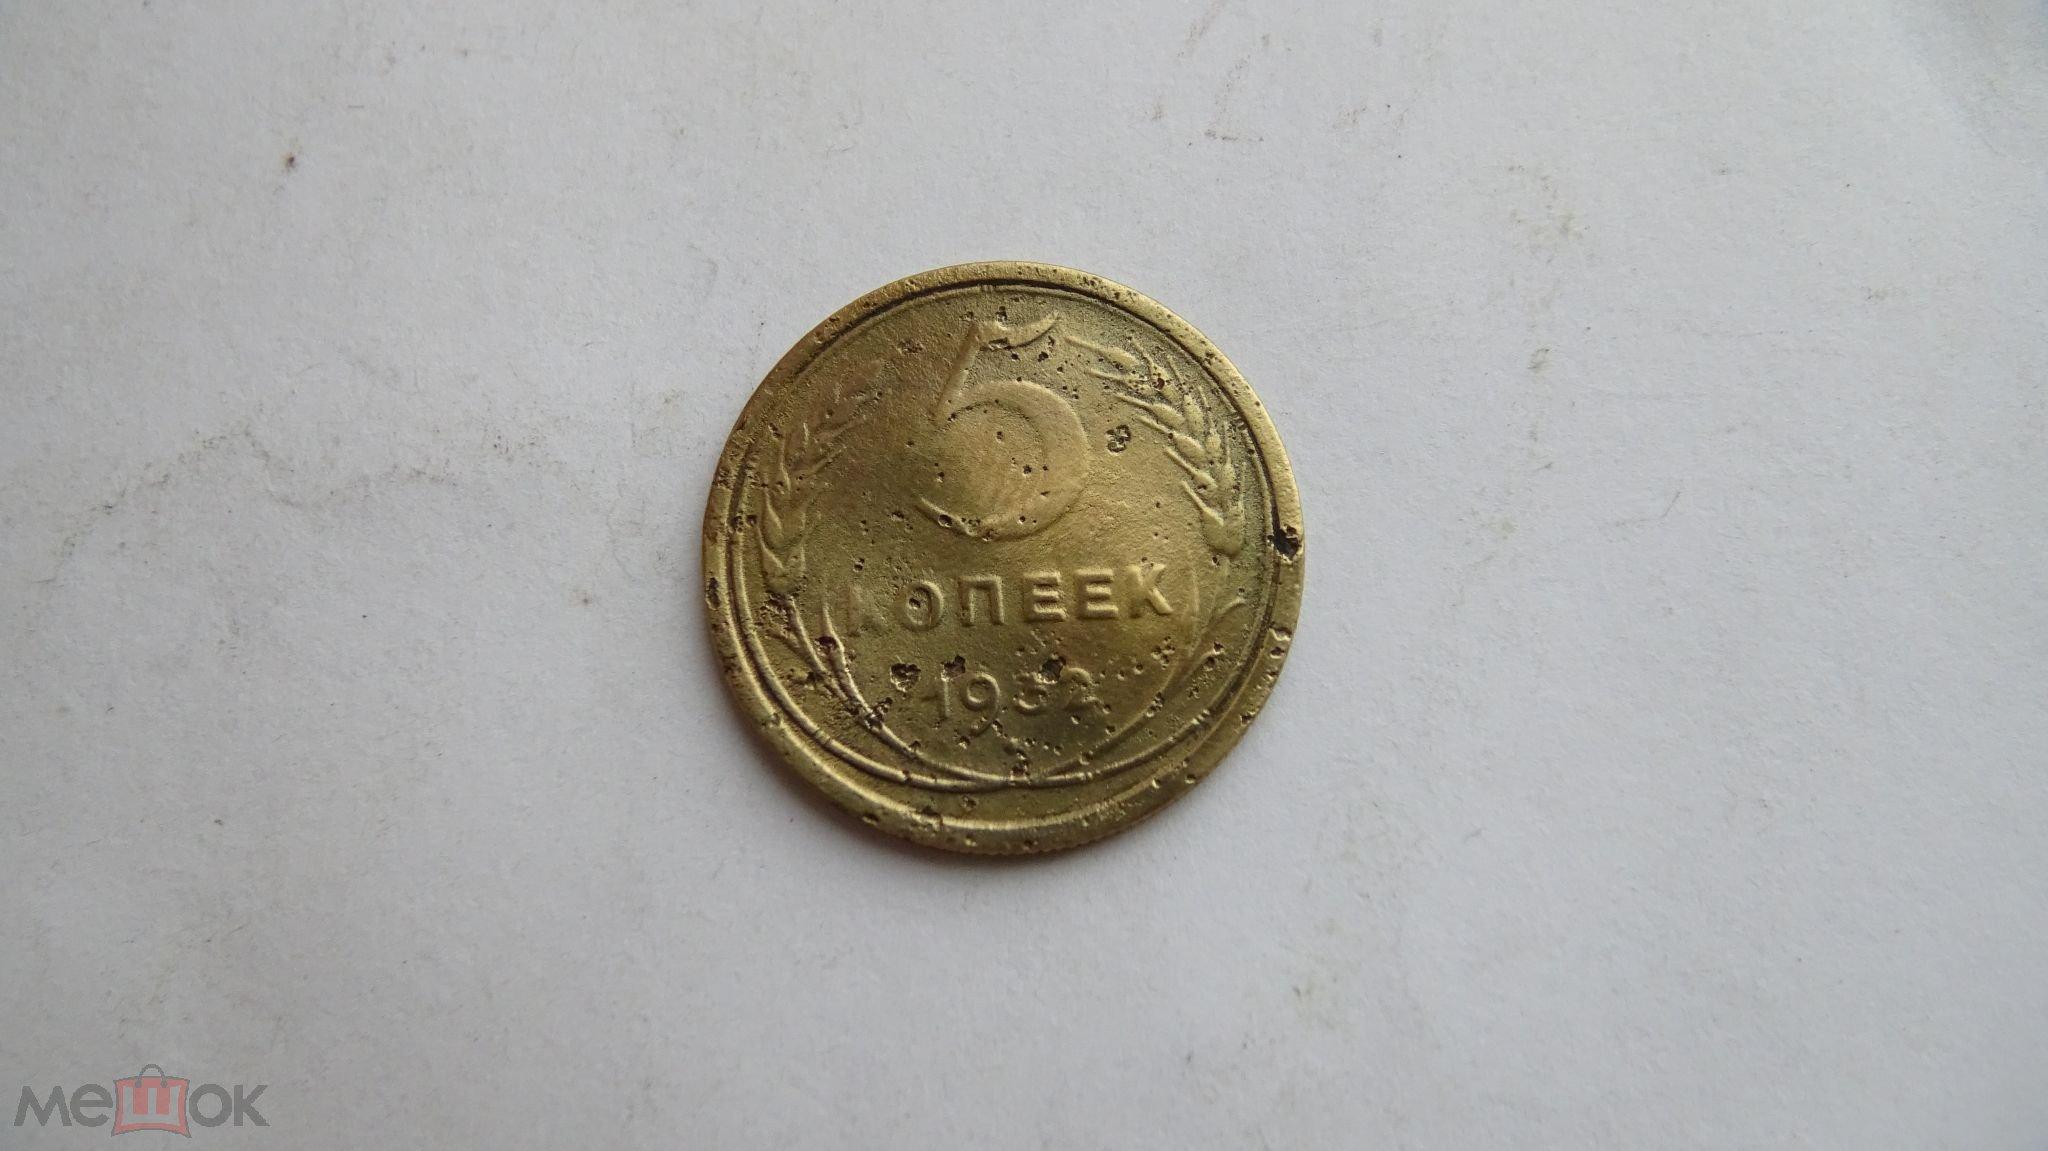 5 копеек 1932 ранние советы СССР редкая монета. ОРИГИНАЛ